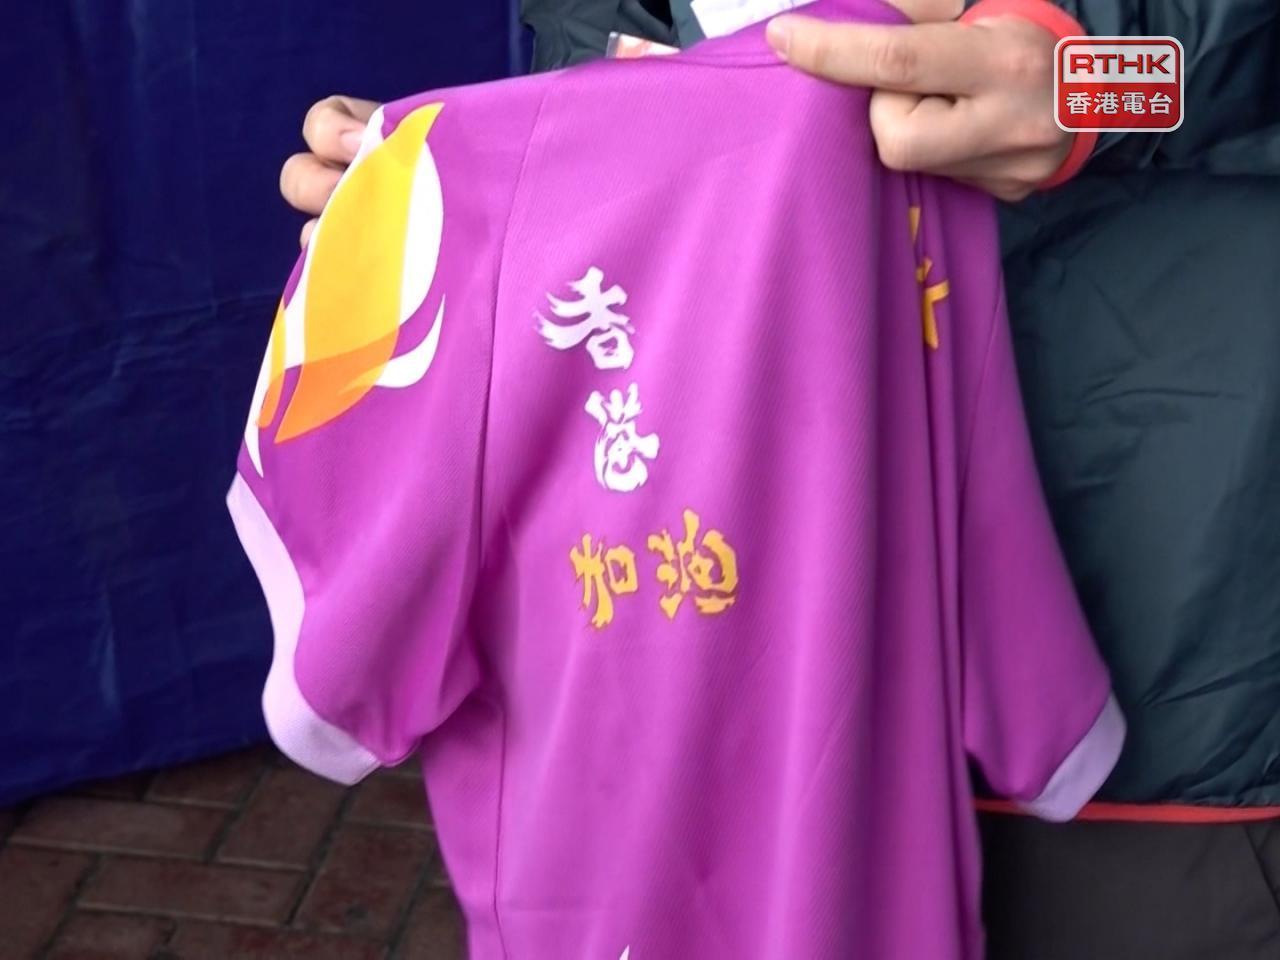 渣馬2021|有選手因身穿「香港」「加油」衣服被拒參賽